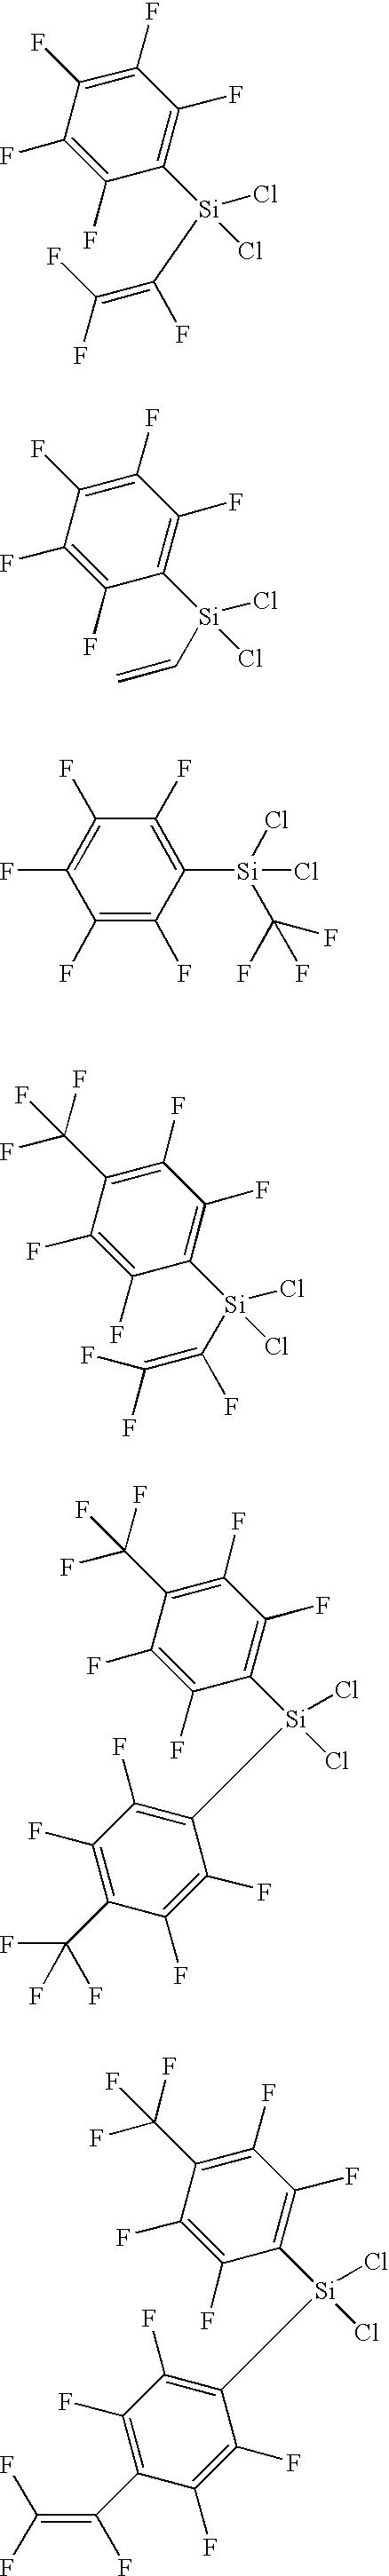 Figure US07144827-20061205-C00015